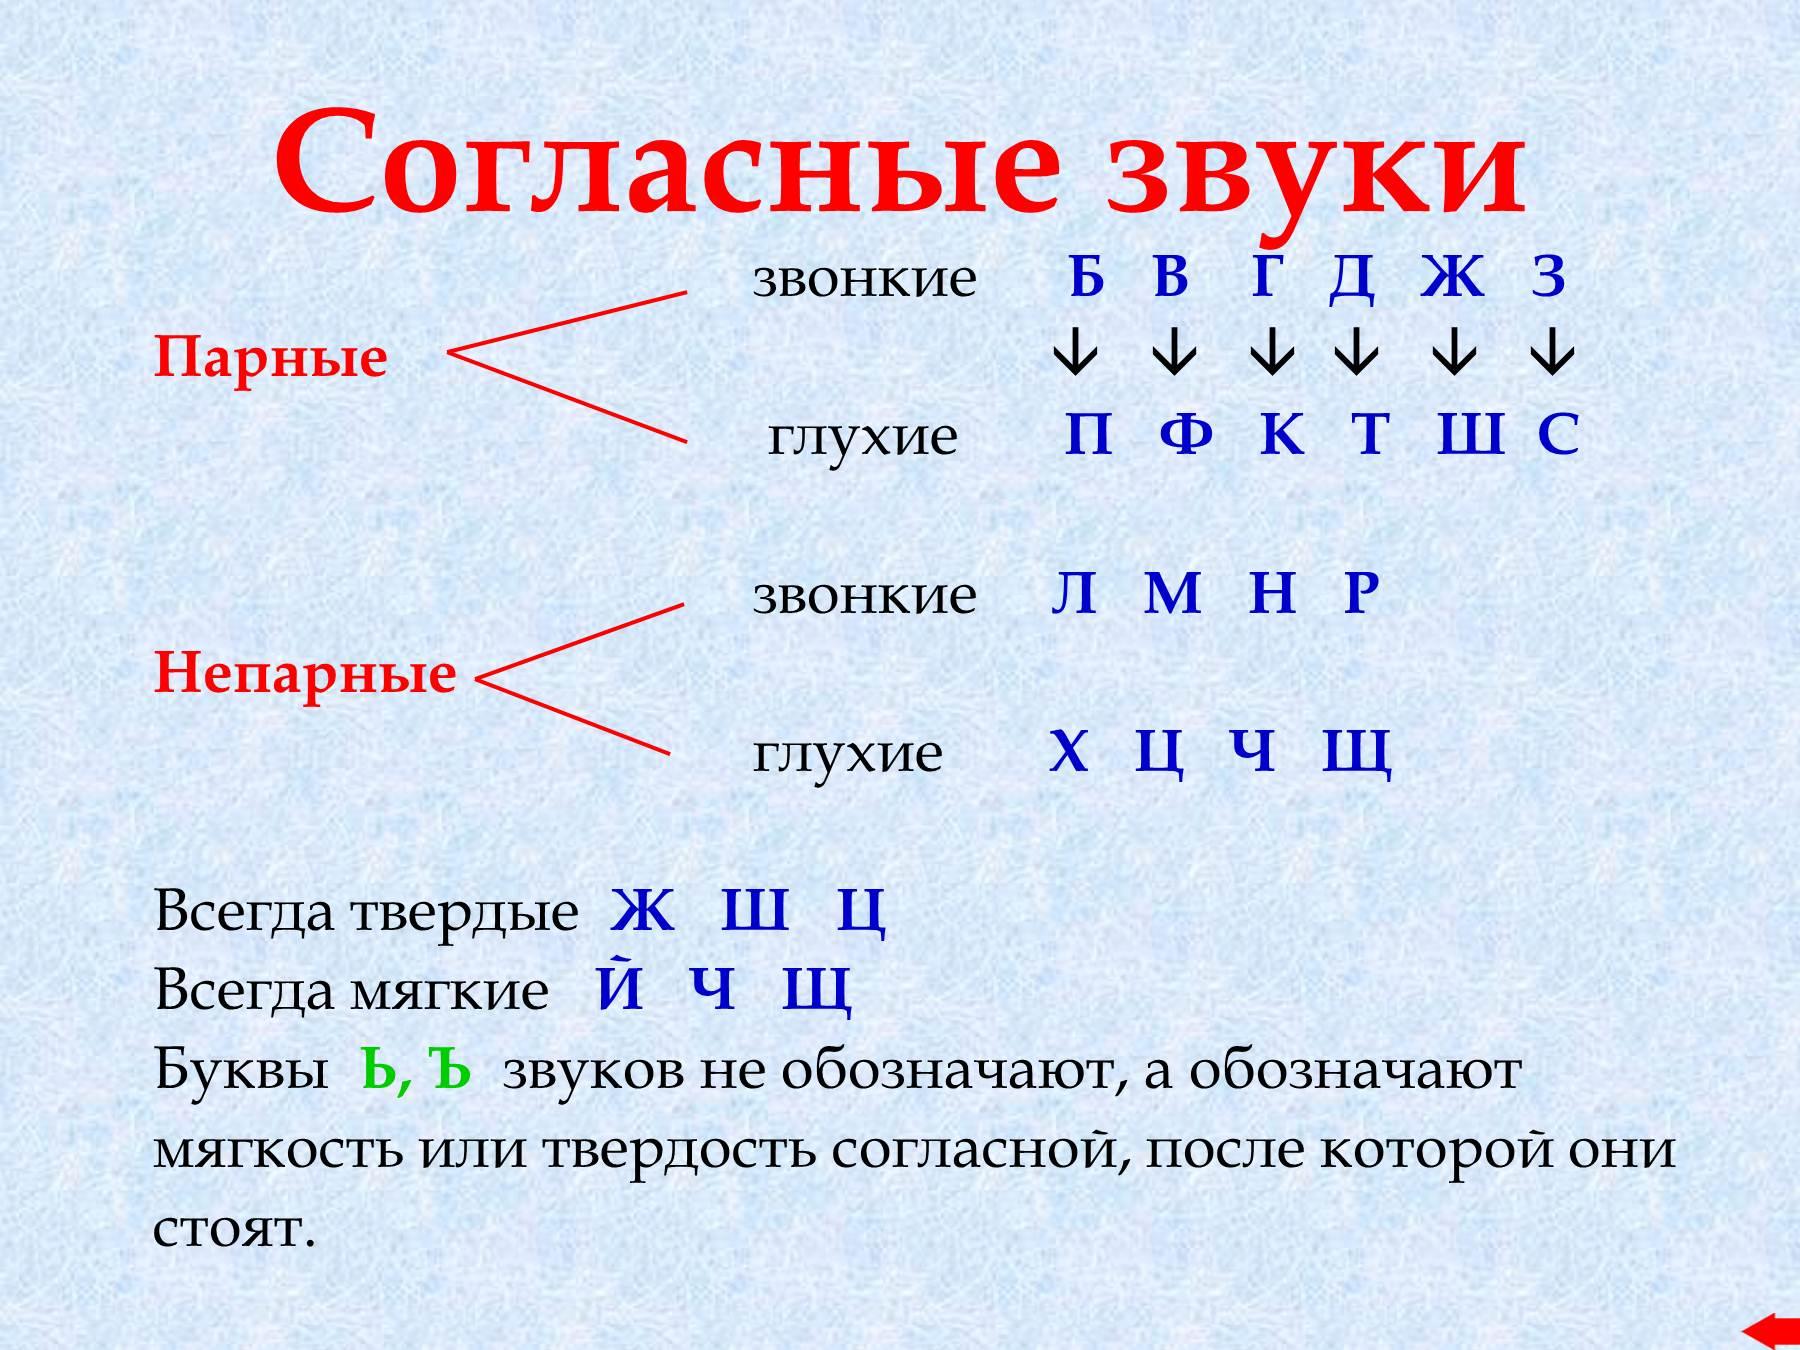 Твердые и мягкие согласные звуки 1 класс: таблица, правило 9